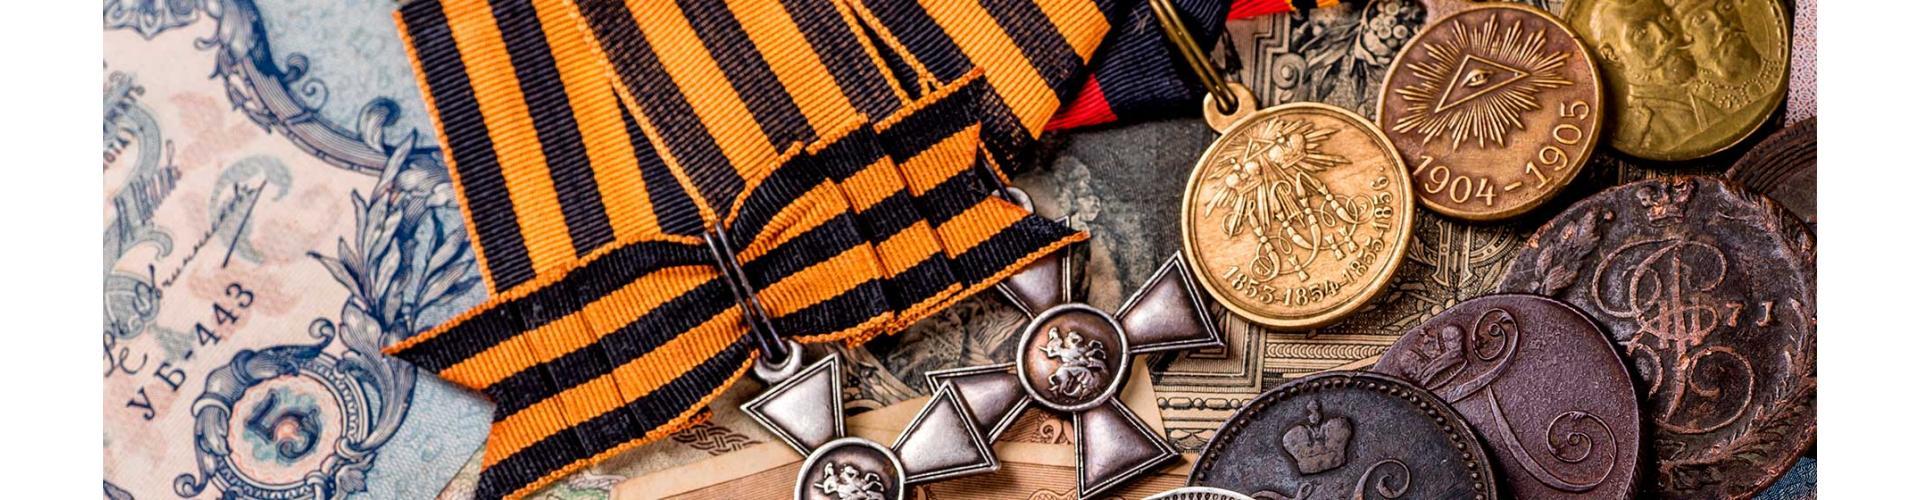 Царские медали. Скупка/оценка